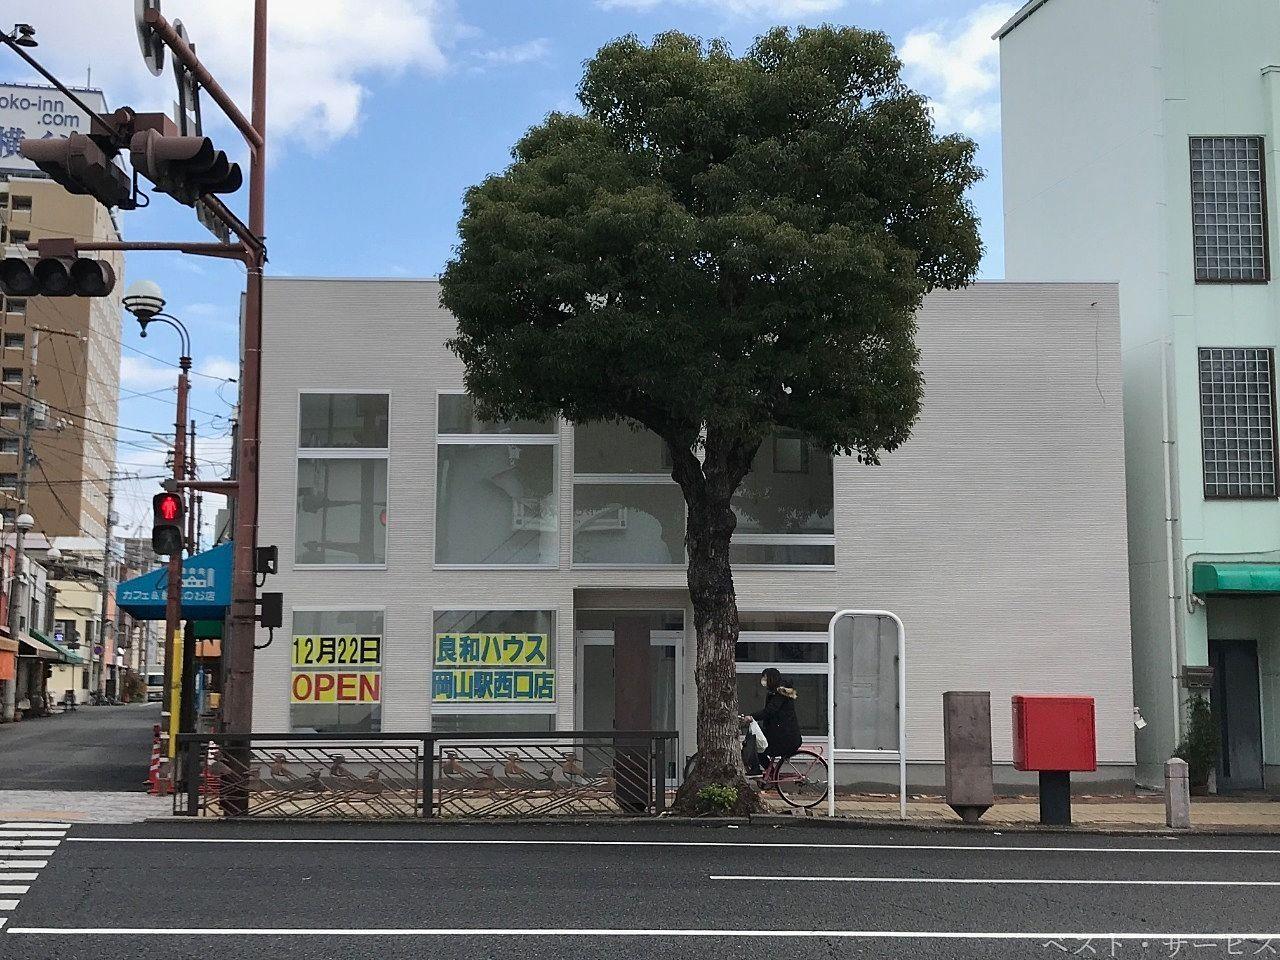 岡山駅西口筋沿い「奉還町東」交差点のお店